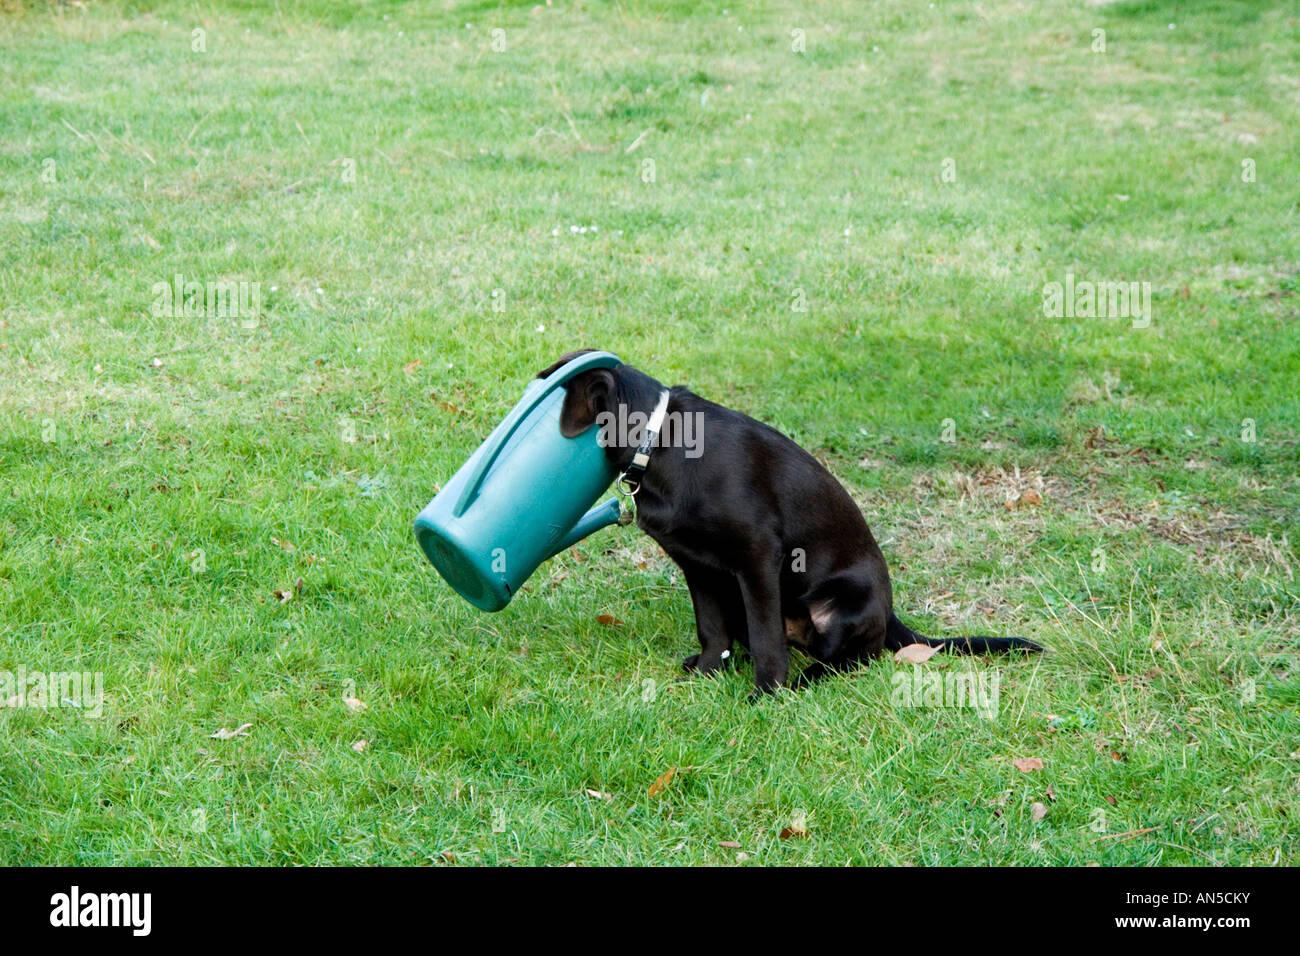 'Curiosity killed the cat' and trapped the dog too! La curiosité est un vilain défaut ! - Stock Image